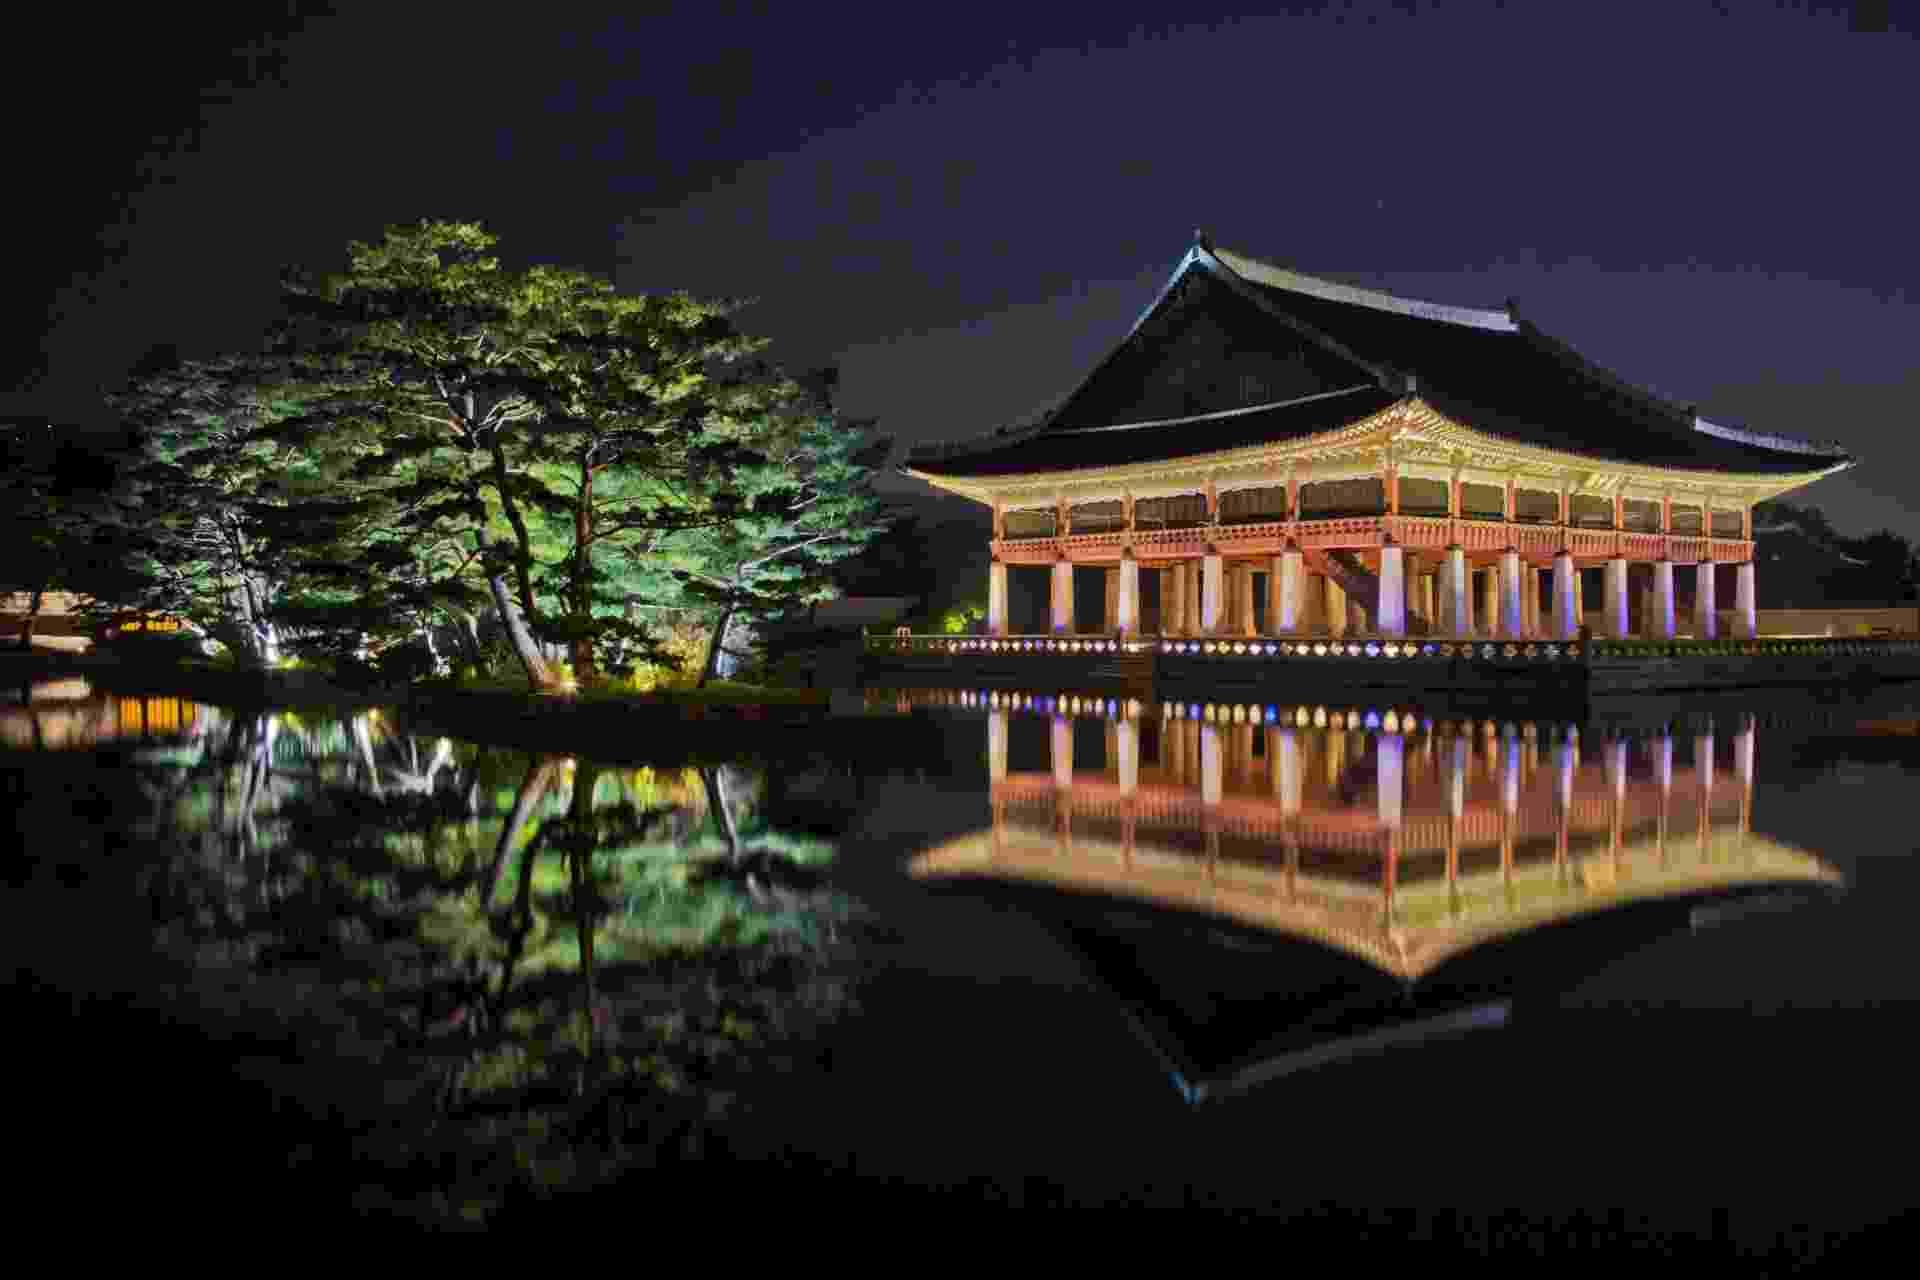 Fachada do palácio Kyongbok, em Seul, na Coreia do Sul - Thinkstock